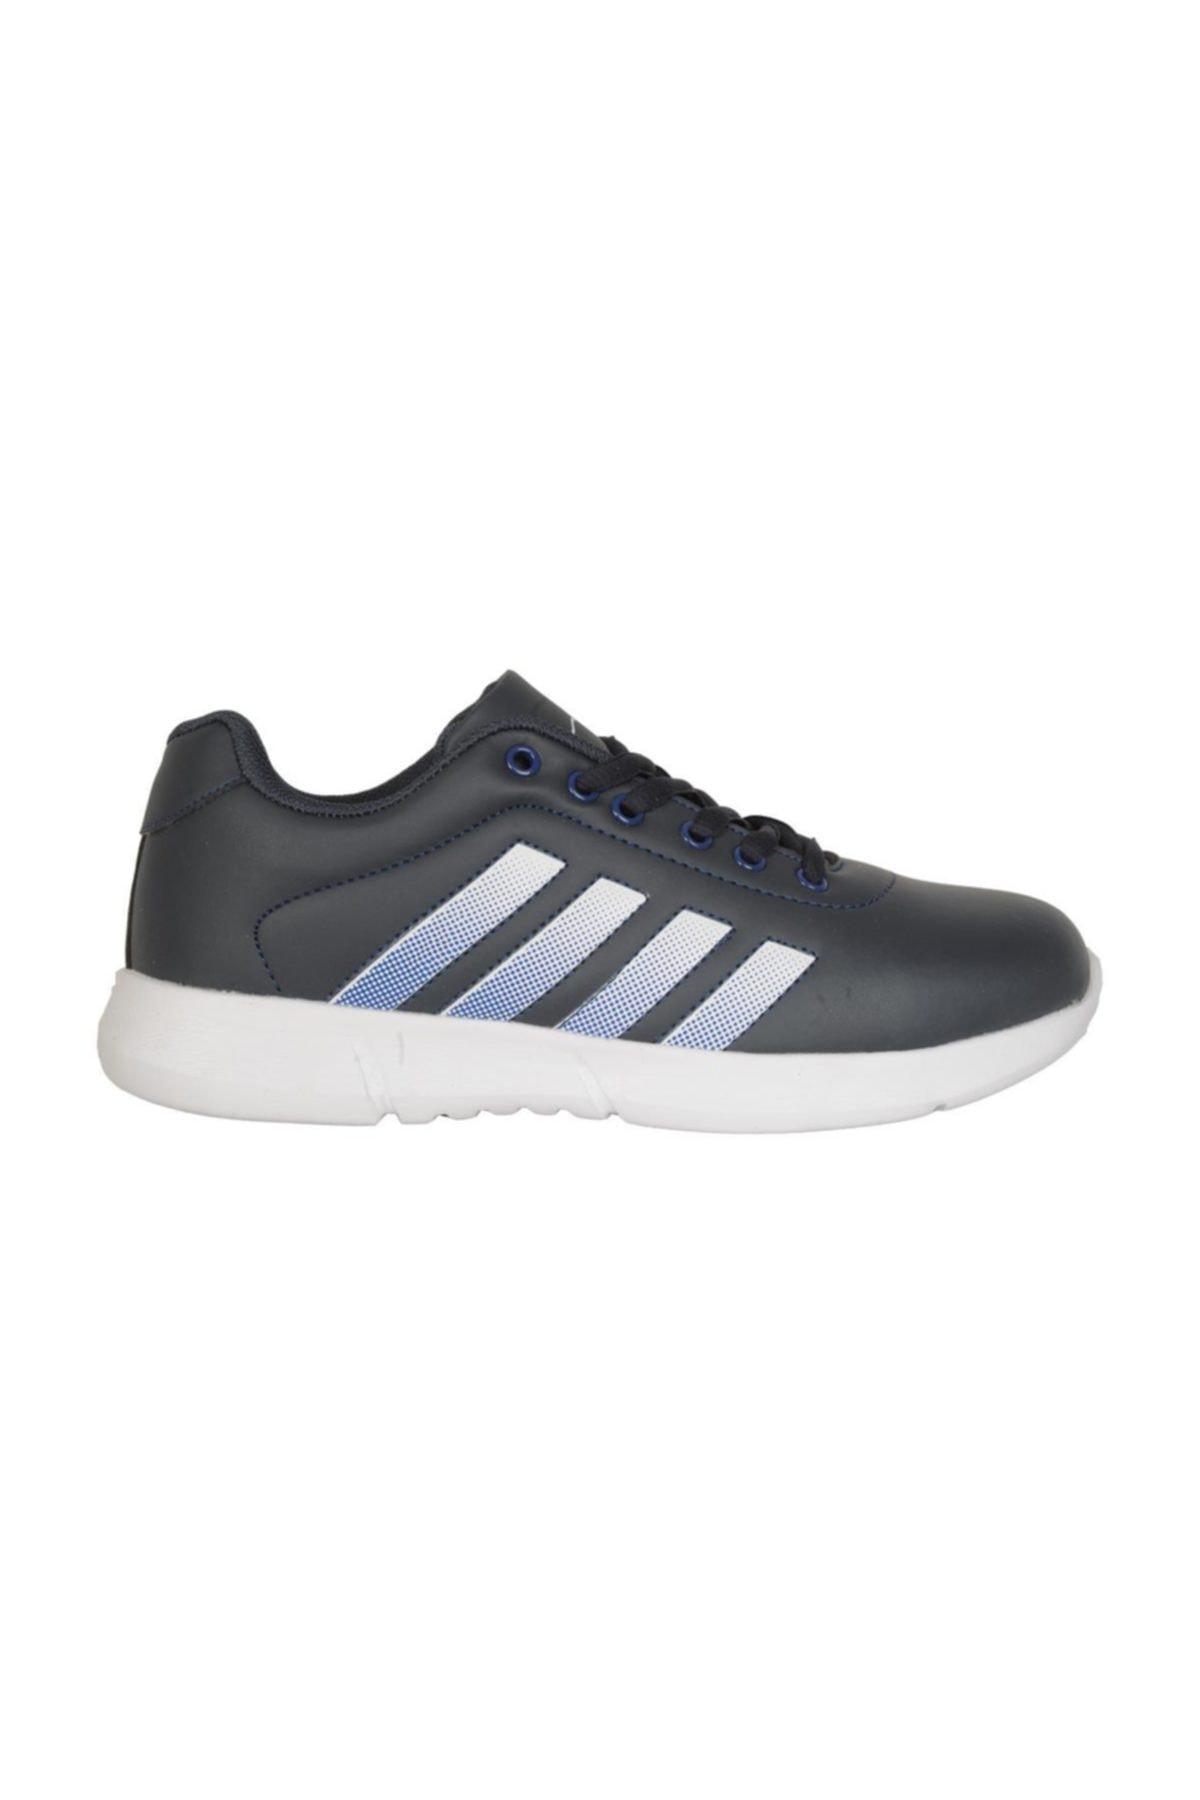 Cheta Lacivert Günlük Yürüyüş Bayan Spor Ayakkabı C047 2